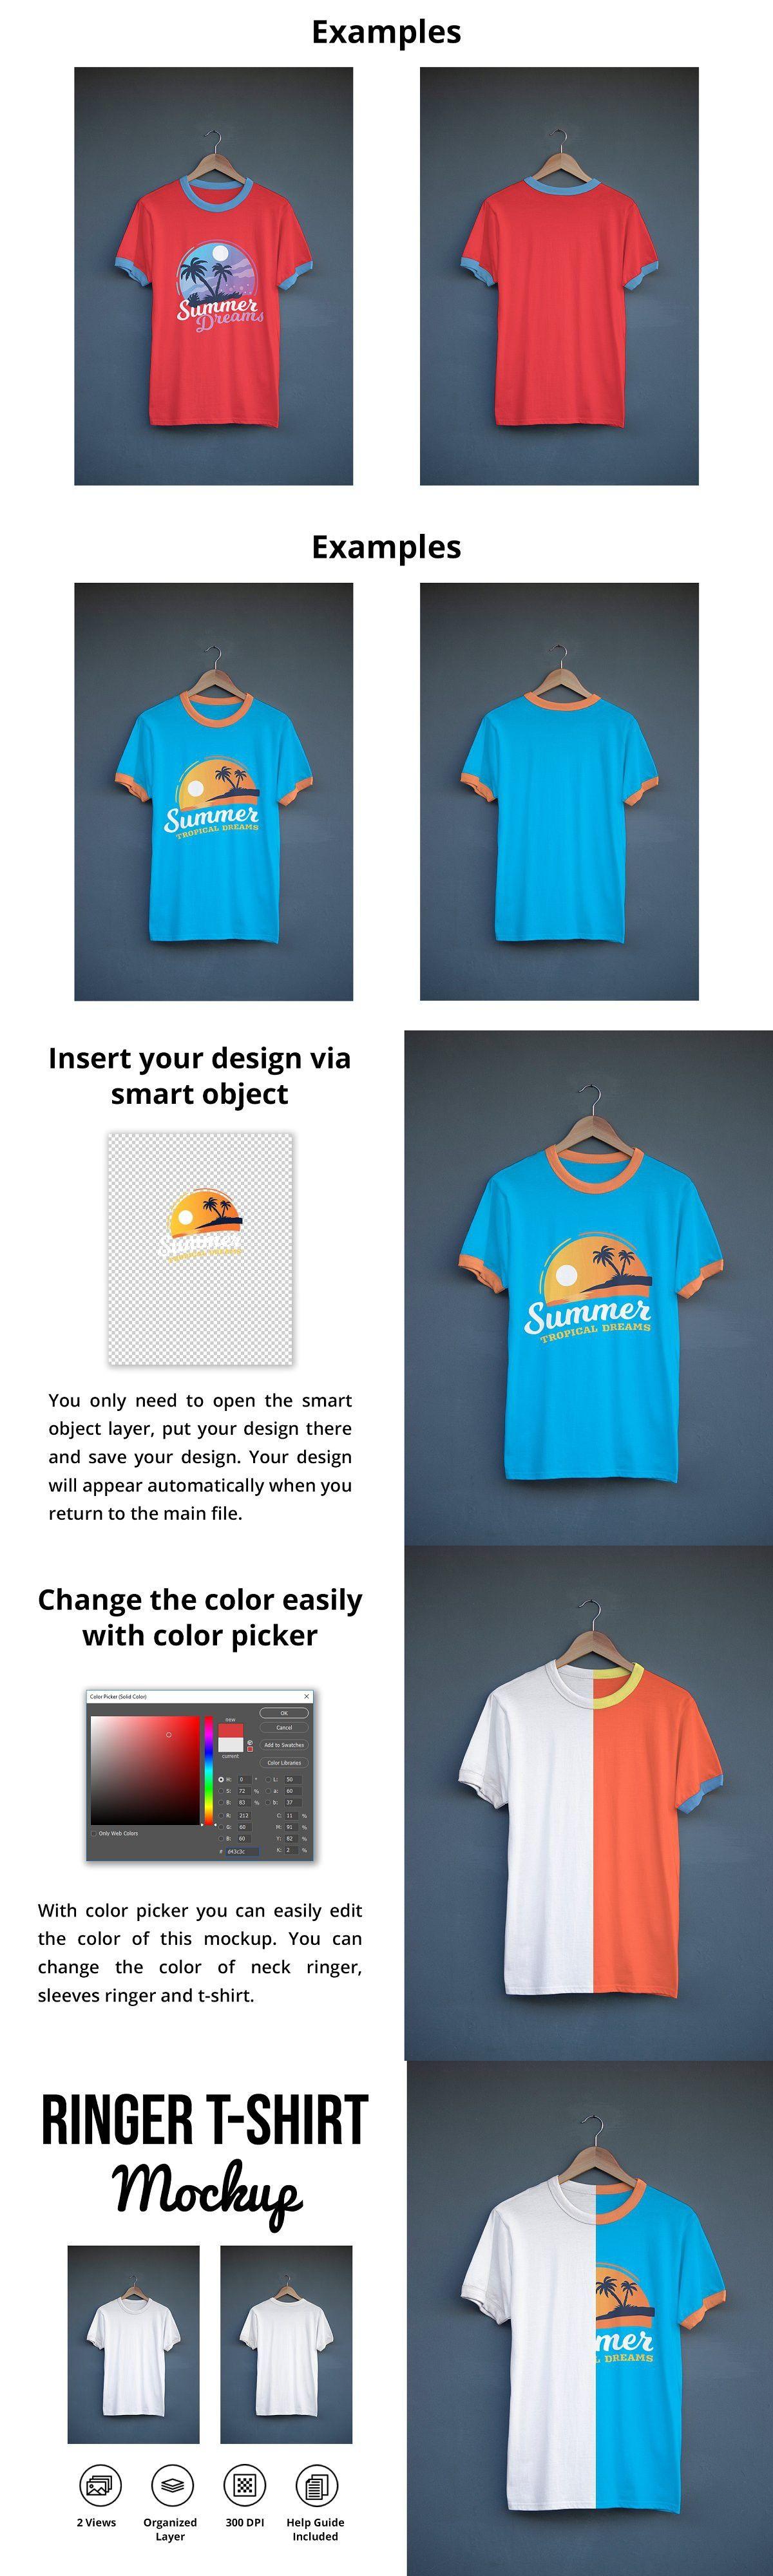 Download Ringer T Shirt Mockup Shirt Mockup Tshirt Mockup Colorful Shirts